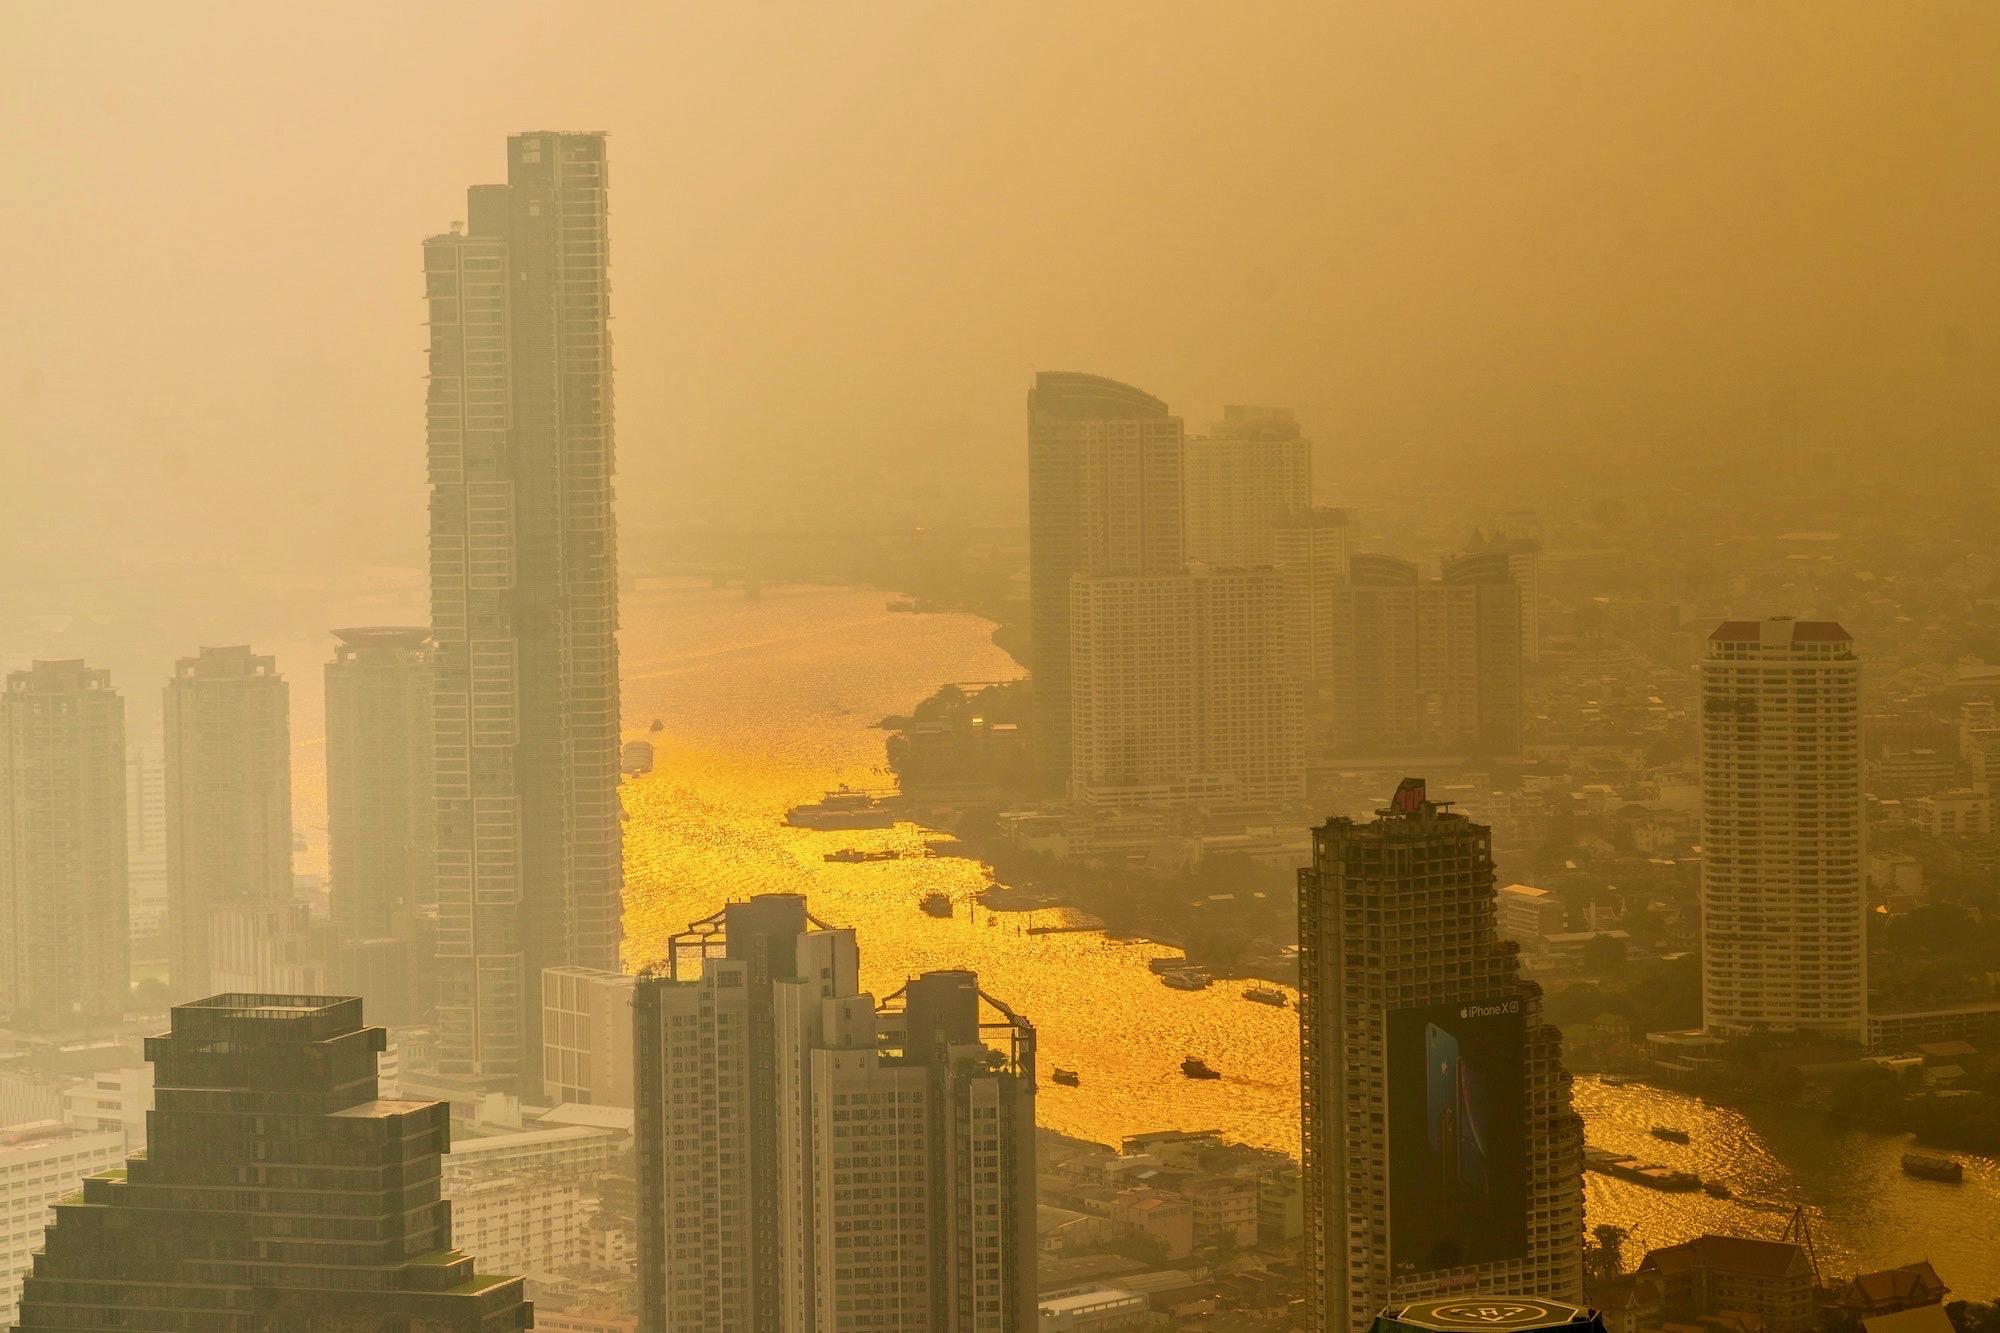 Flightnook - City pollution